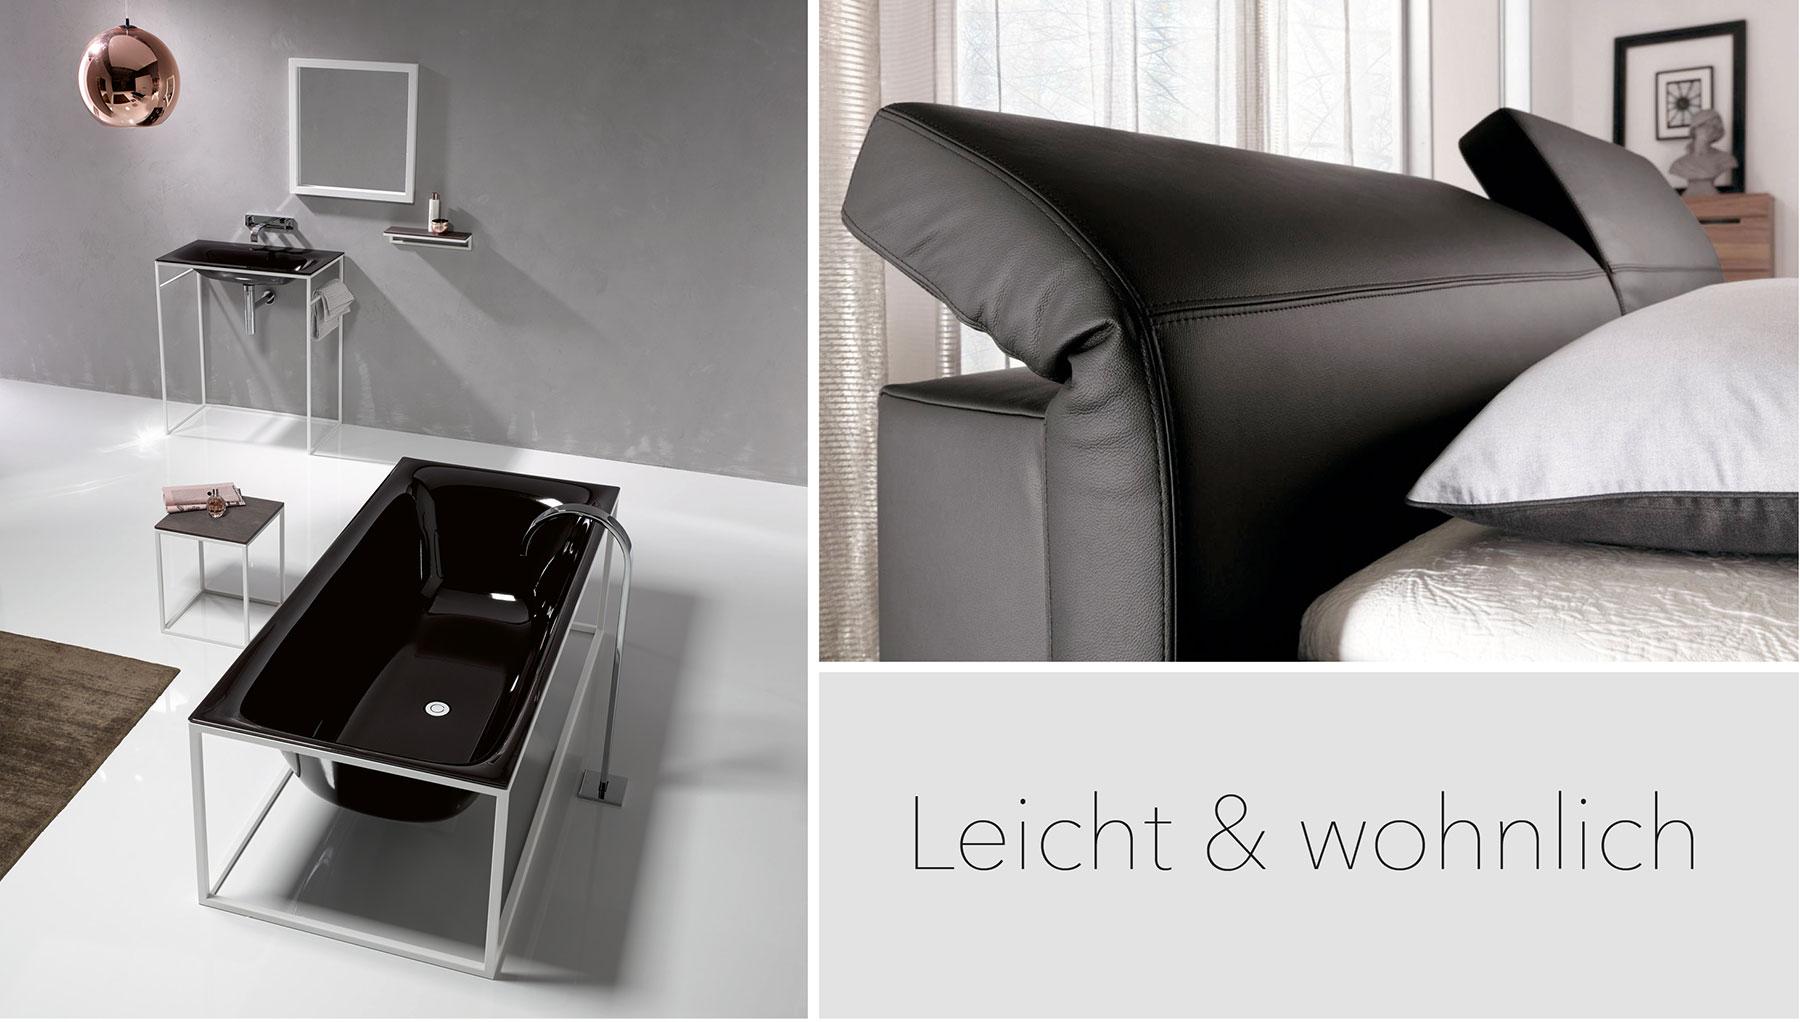 Ausdrucksstarkes Design. Elumo II von Hülsta bringt moderne, funktionell ausgereifte Möbel ins Schlafzimmer. Badkonzept mit offenem Stahlrahmen: Die Form des Innenkörpers bleibt bei BetteLux Shape von allen Seiten sichtbar.